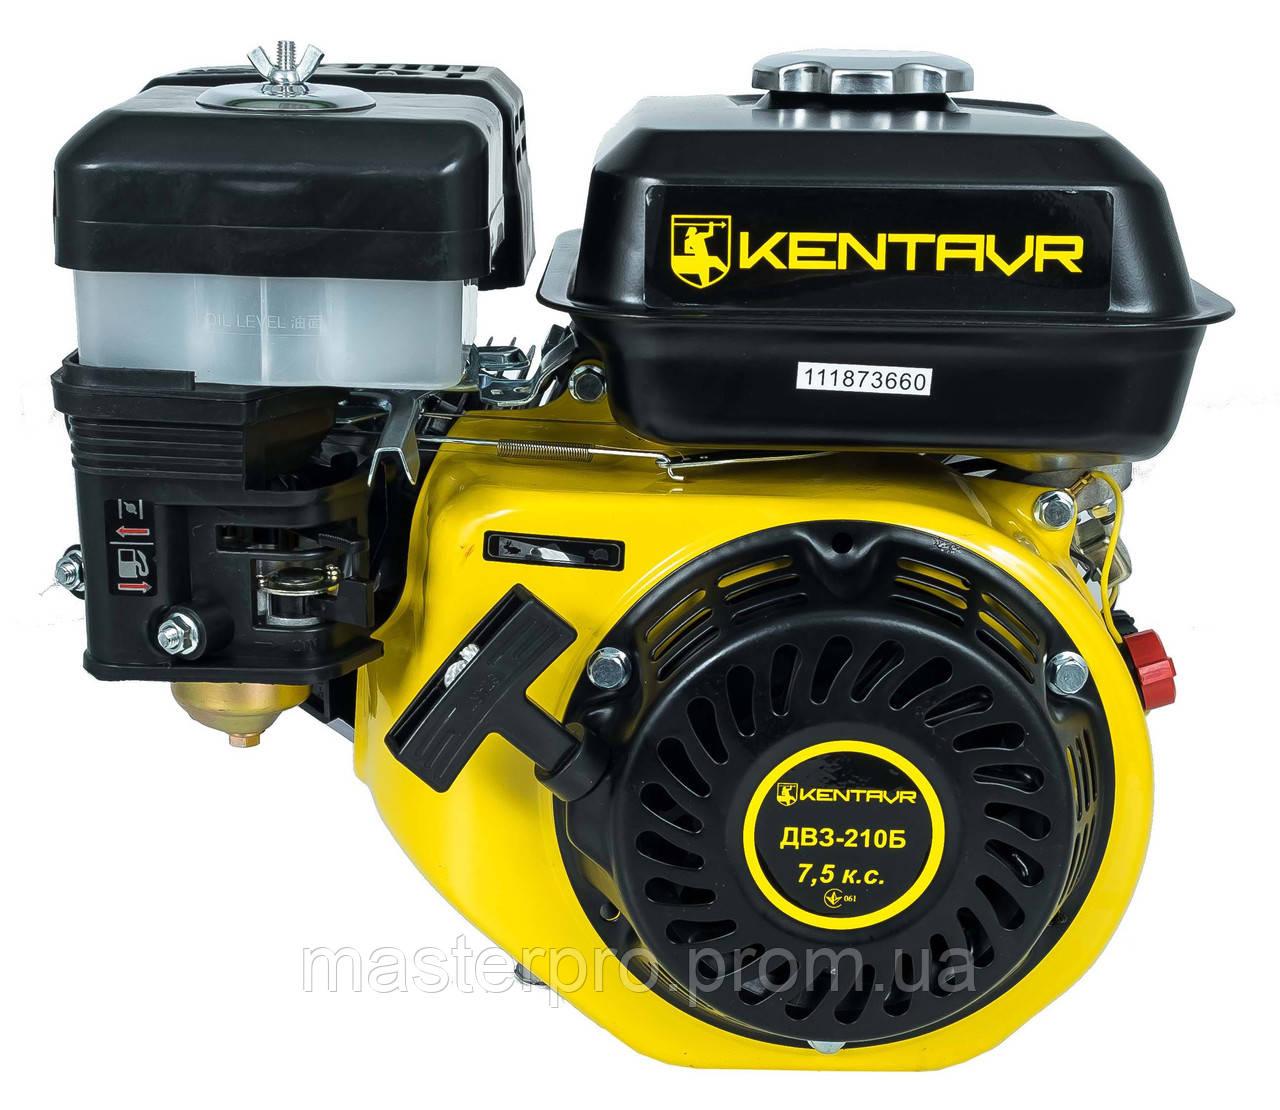 Двигатель с редуктором и вариатором Кентавр ДВЗ-210БР